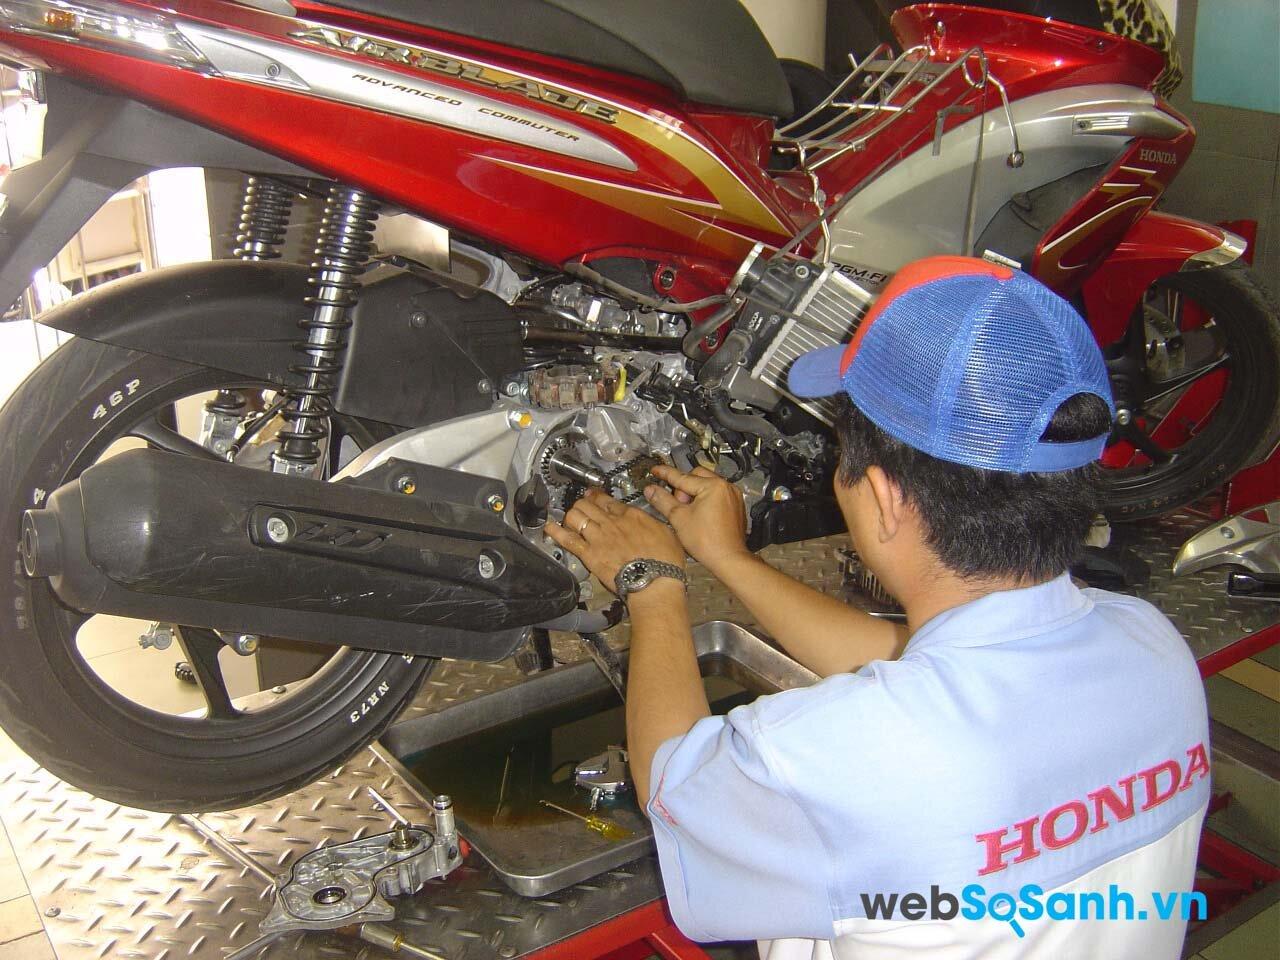 Tổng hợp những cửa hàng sửa chữa, bảo dưỡng xe máy uy tín tại Hà Nội